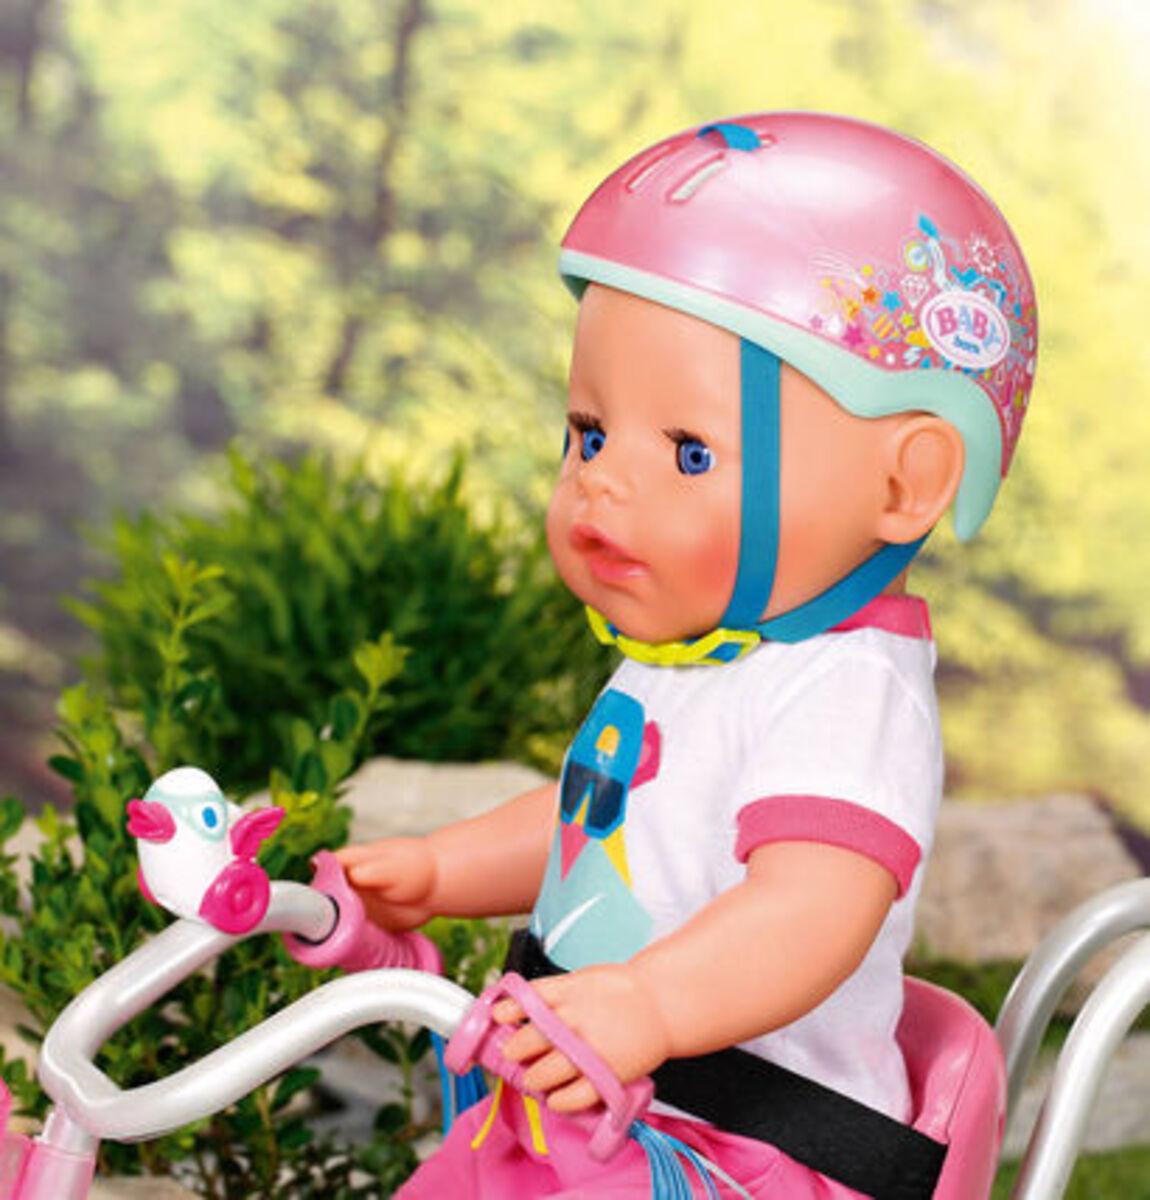 Bild 3 von Zapf Creation® BABY born® Play&Fun Fahrradhelm